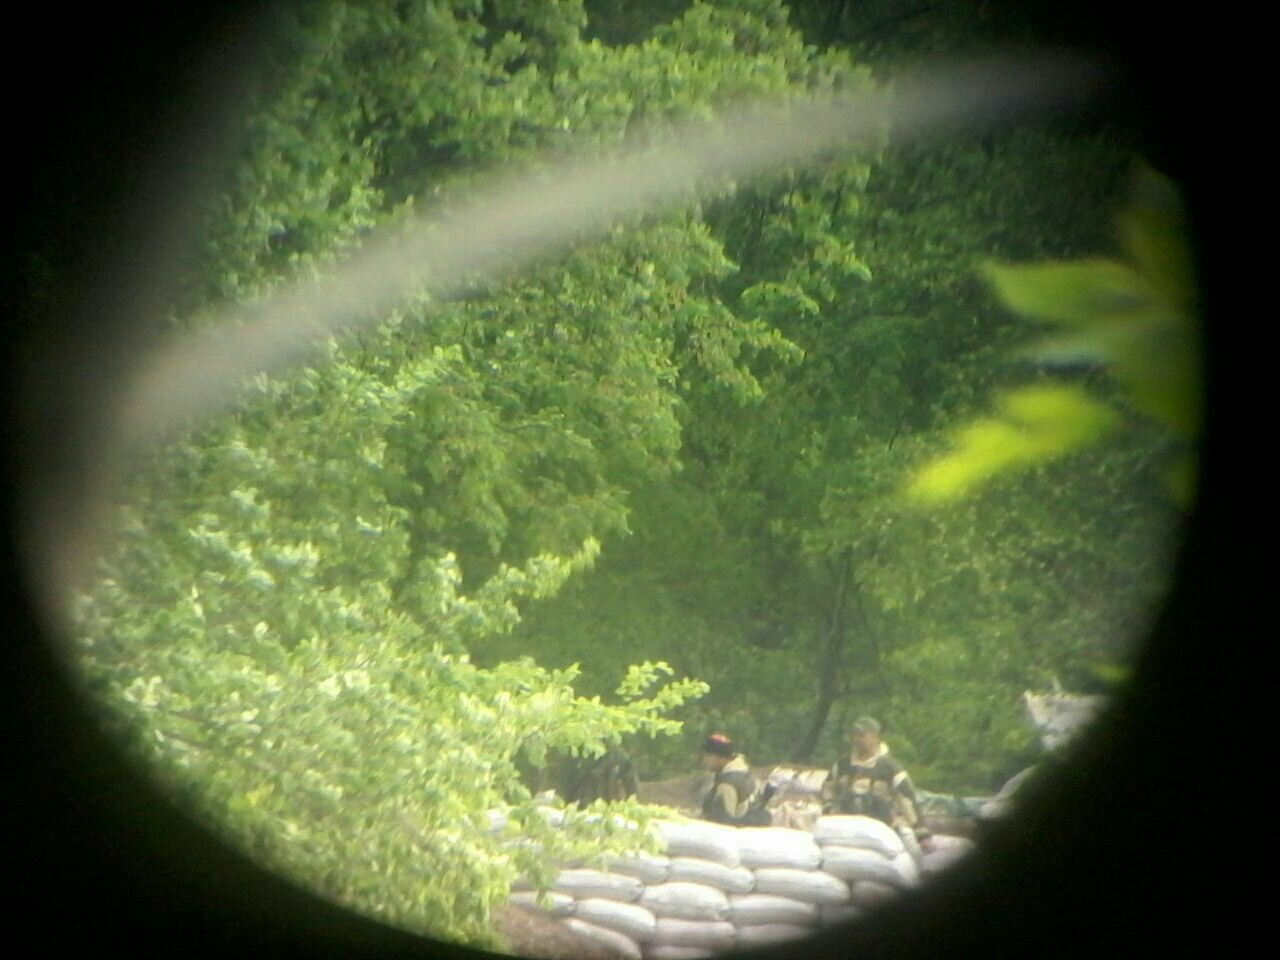 АТО: боевики 53 раза обстреляли позиции ВСУ